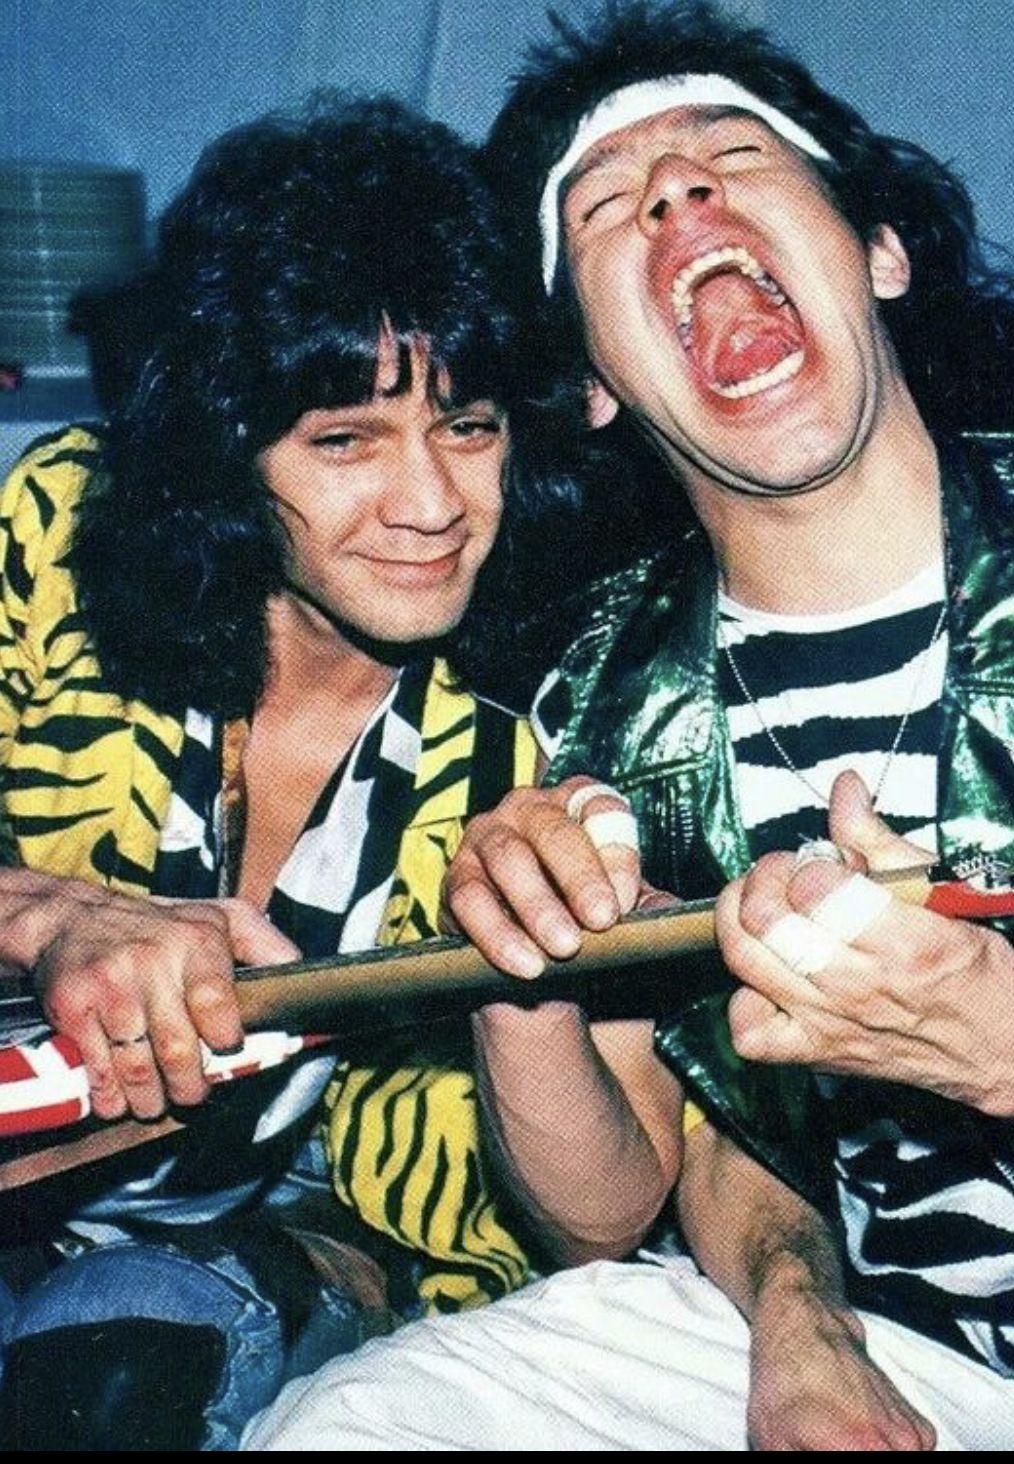 Pin By M S On Van Halen Van Halen Alex Van Halen Eddie Van Halen